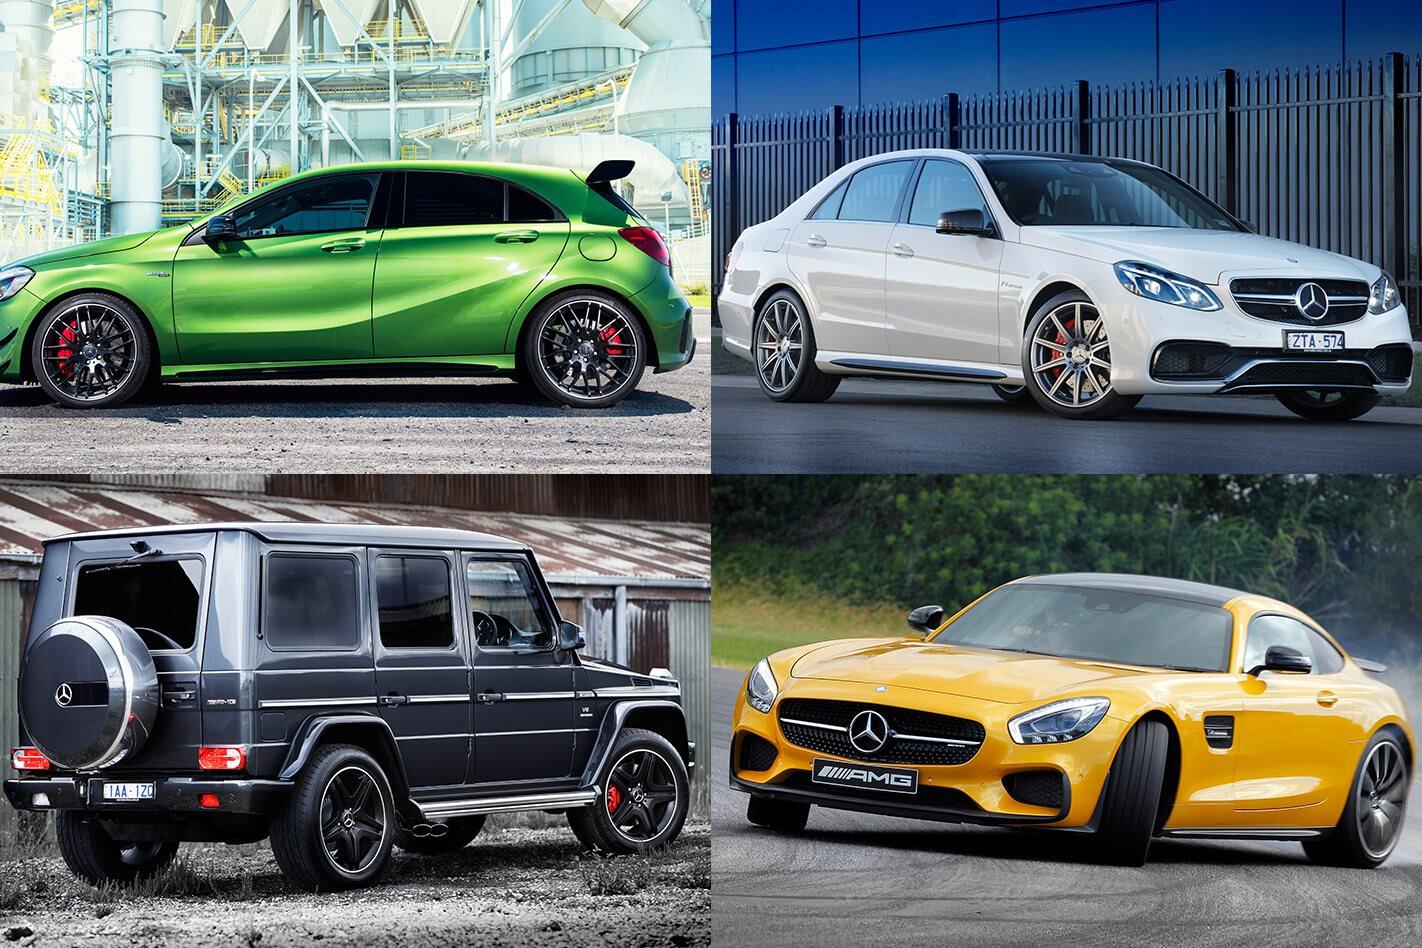 Full Mercedes-AMG range